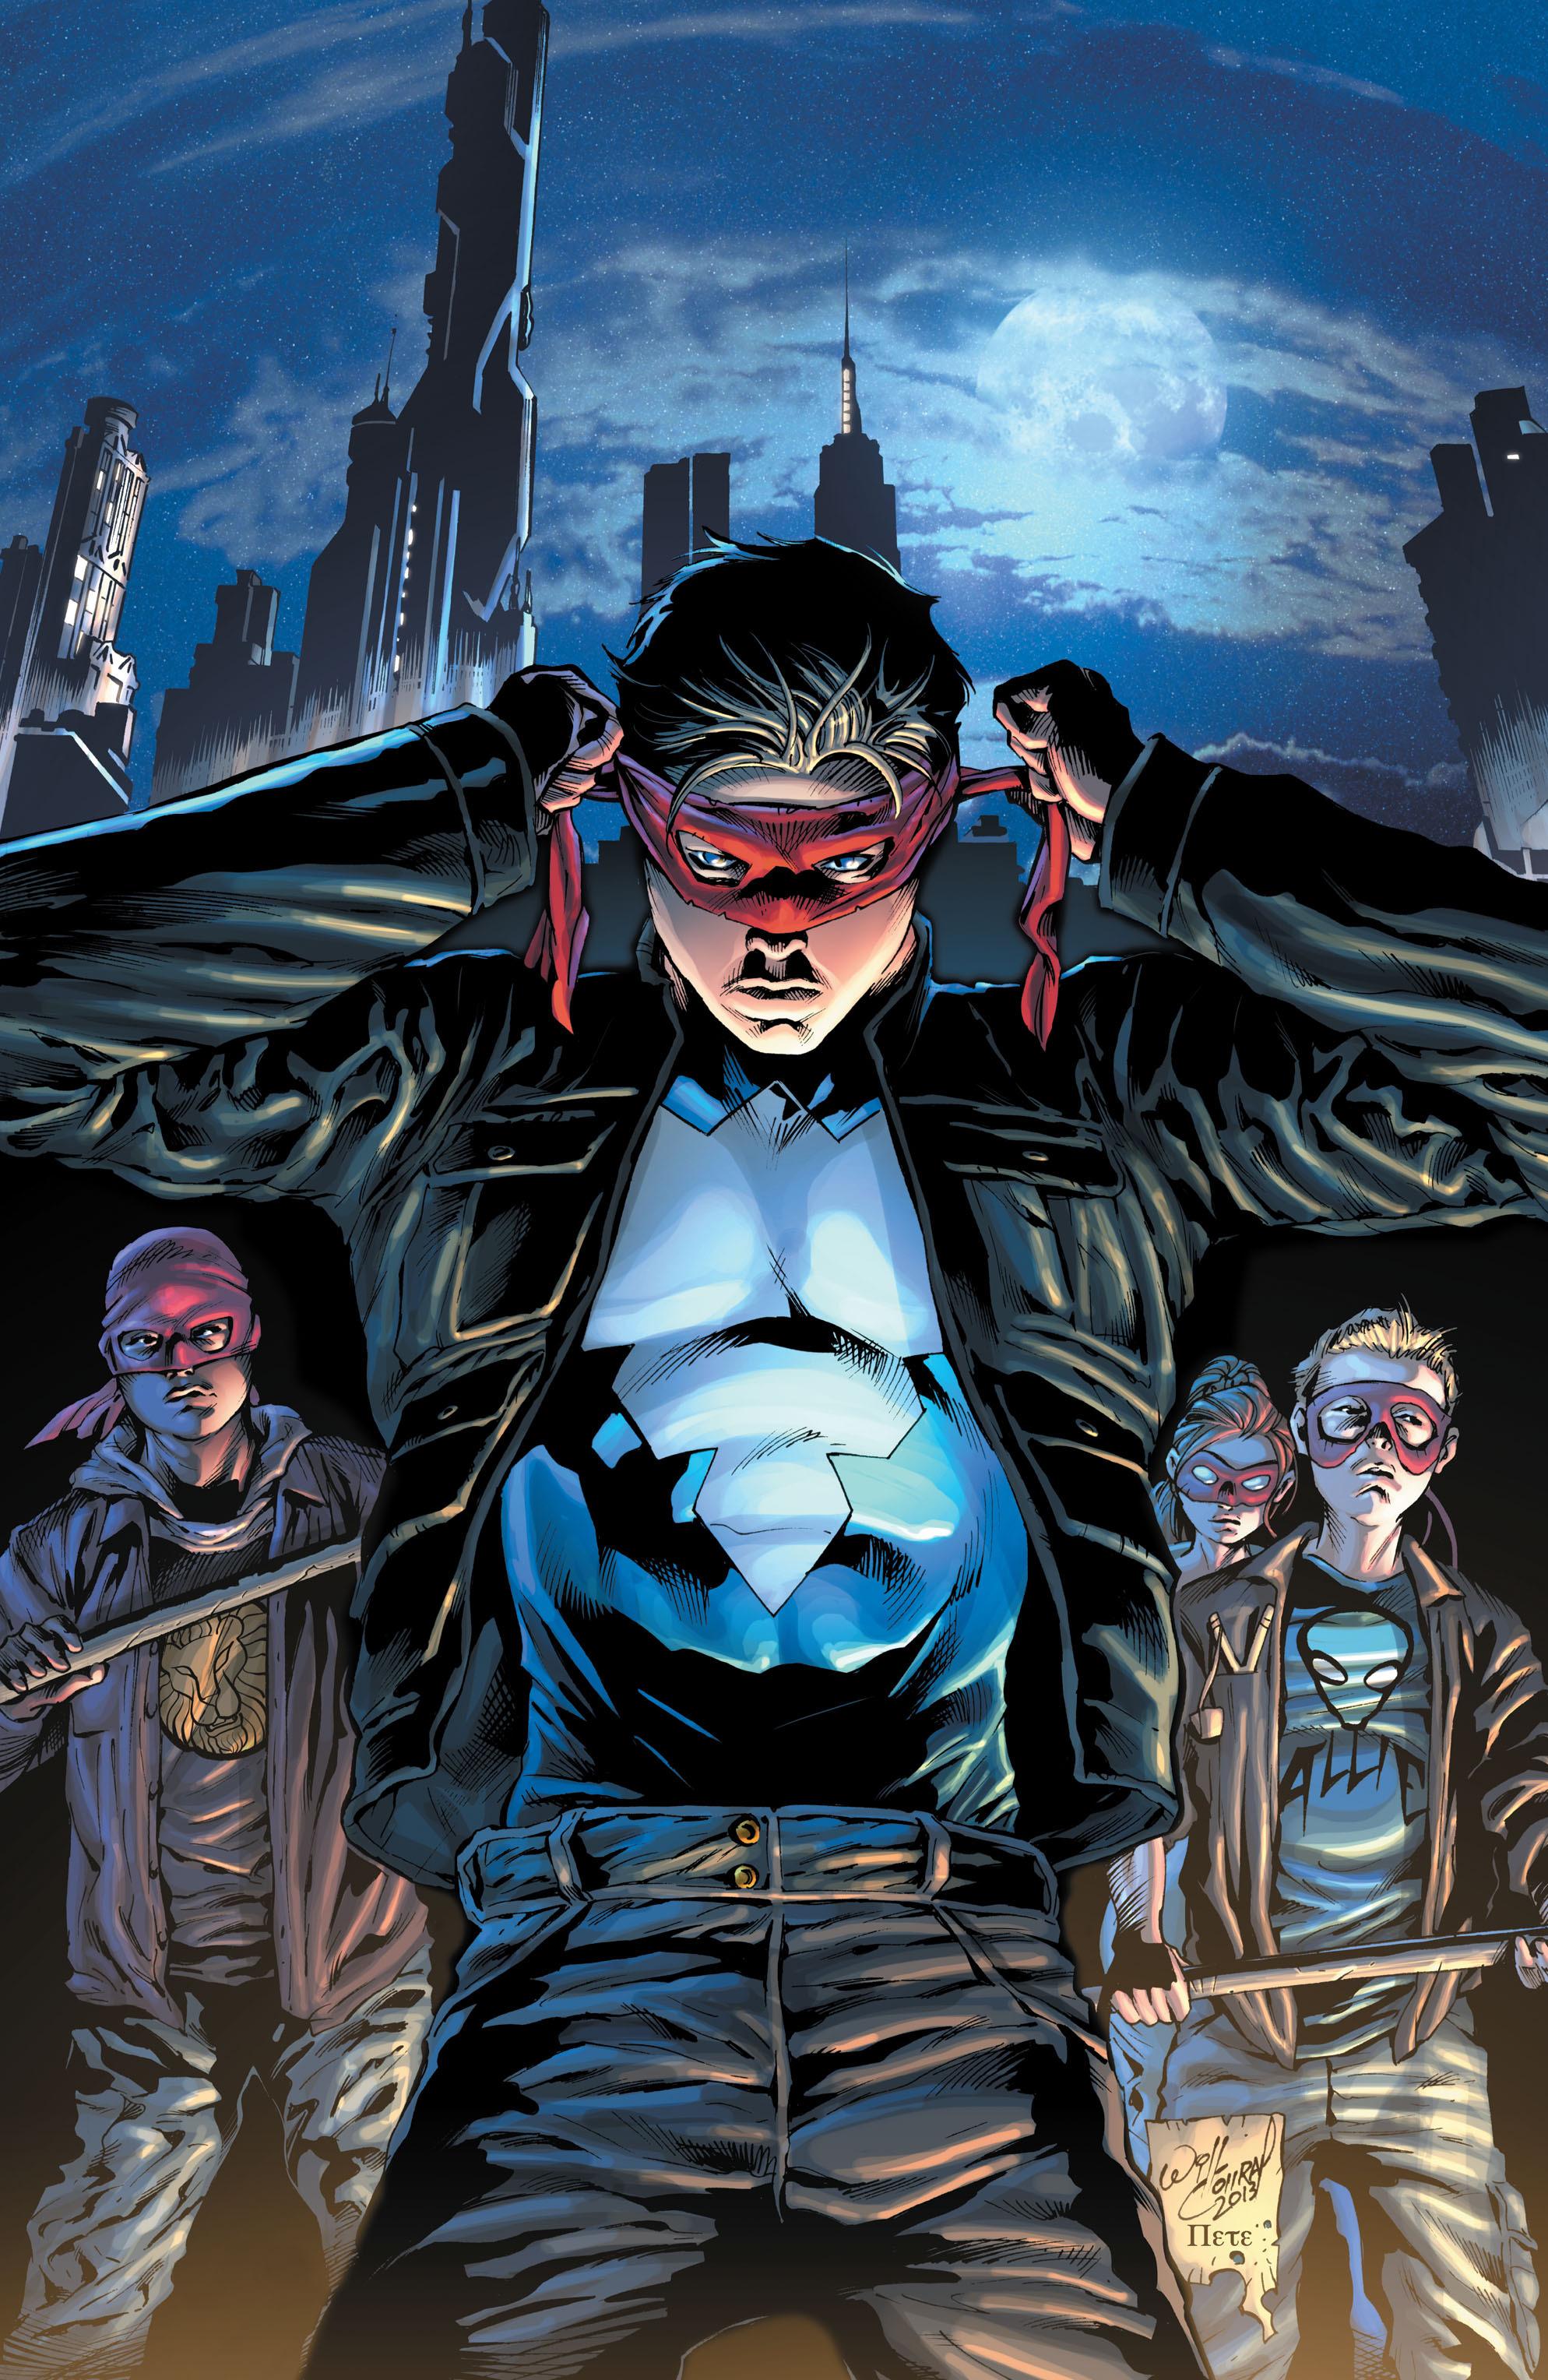 DC Comics: Zero Year chap tpb pic 341